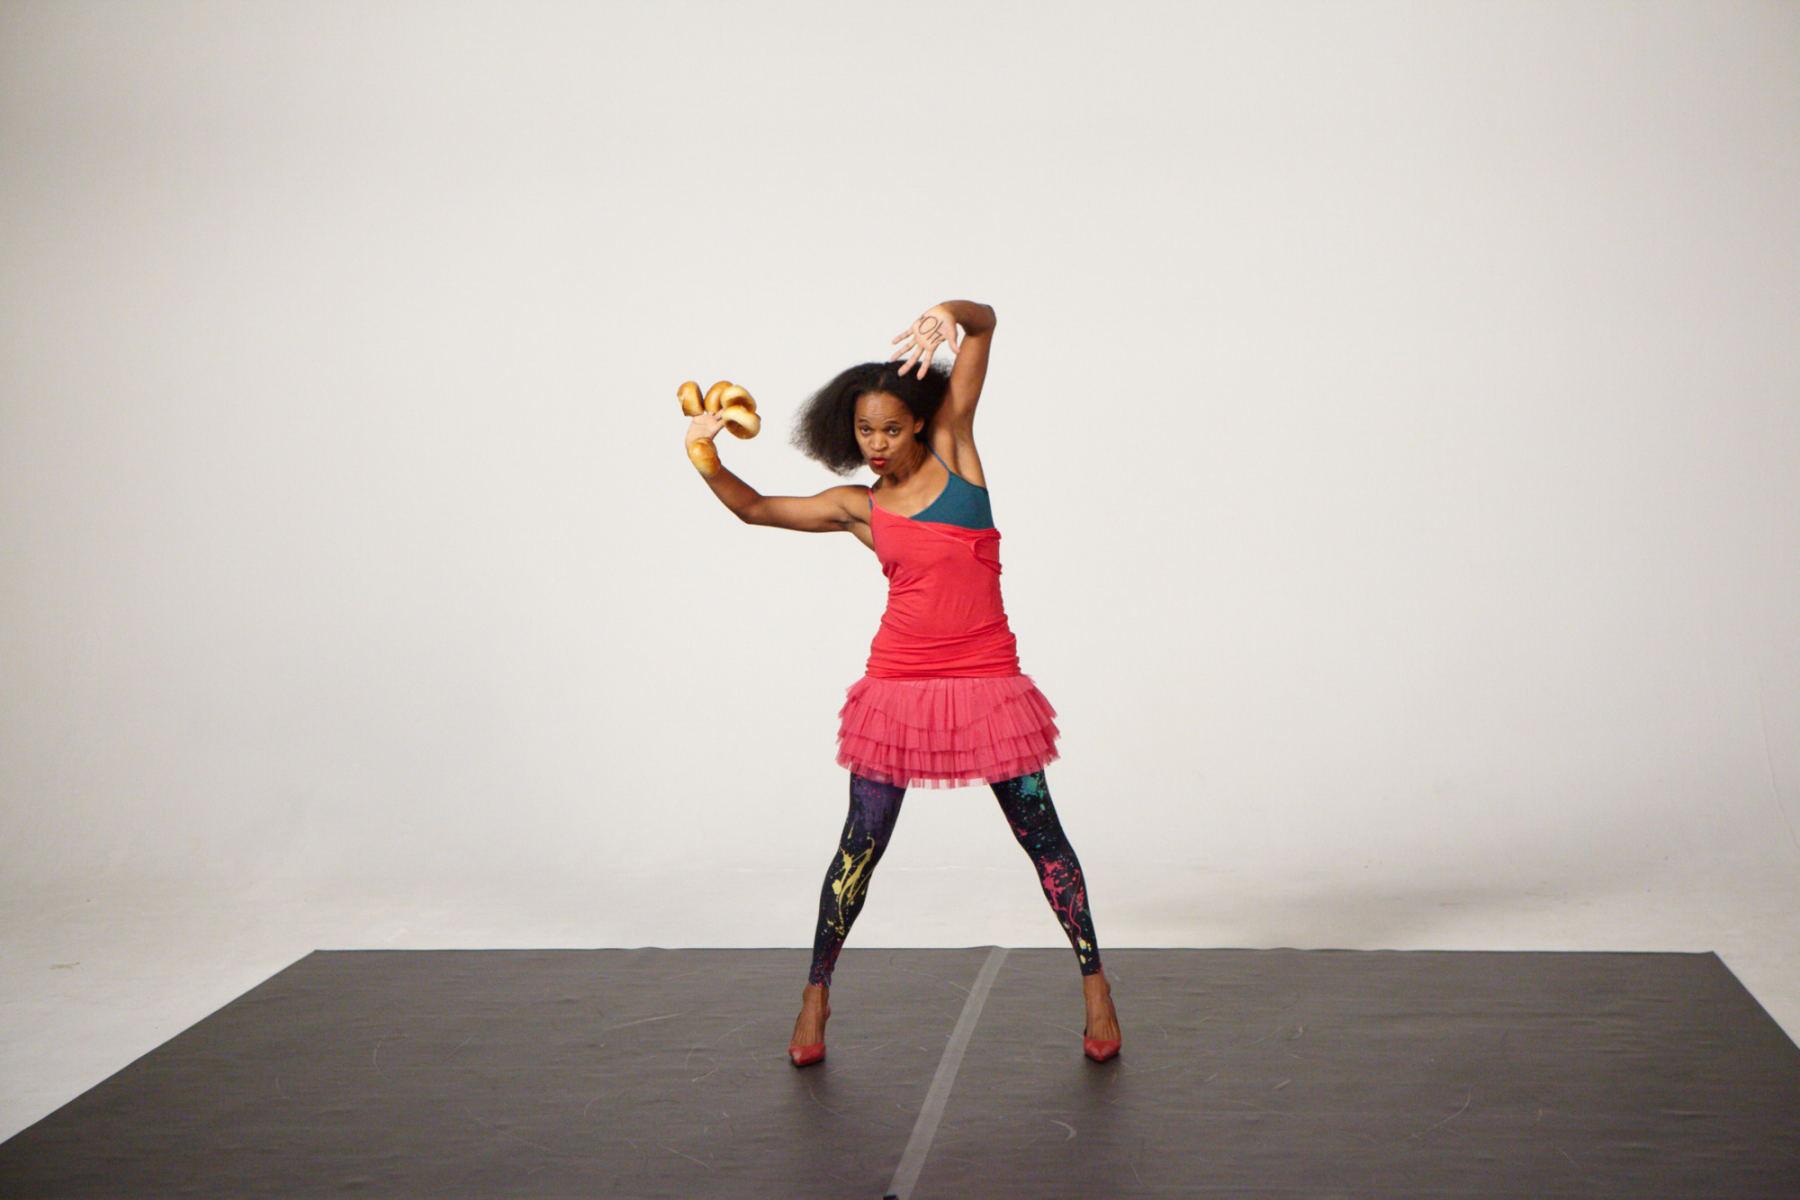 Eine Frau mit einem bunten Kleid tanzt in einem Studio. Die Bilder wurden für ein freies Filmprojekt im Studio Saibou in Köln aufgenommen.